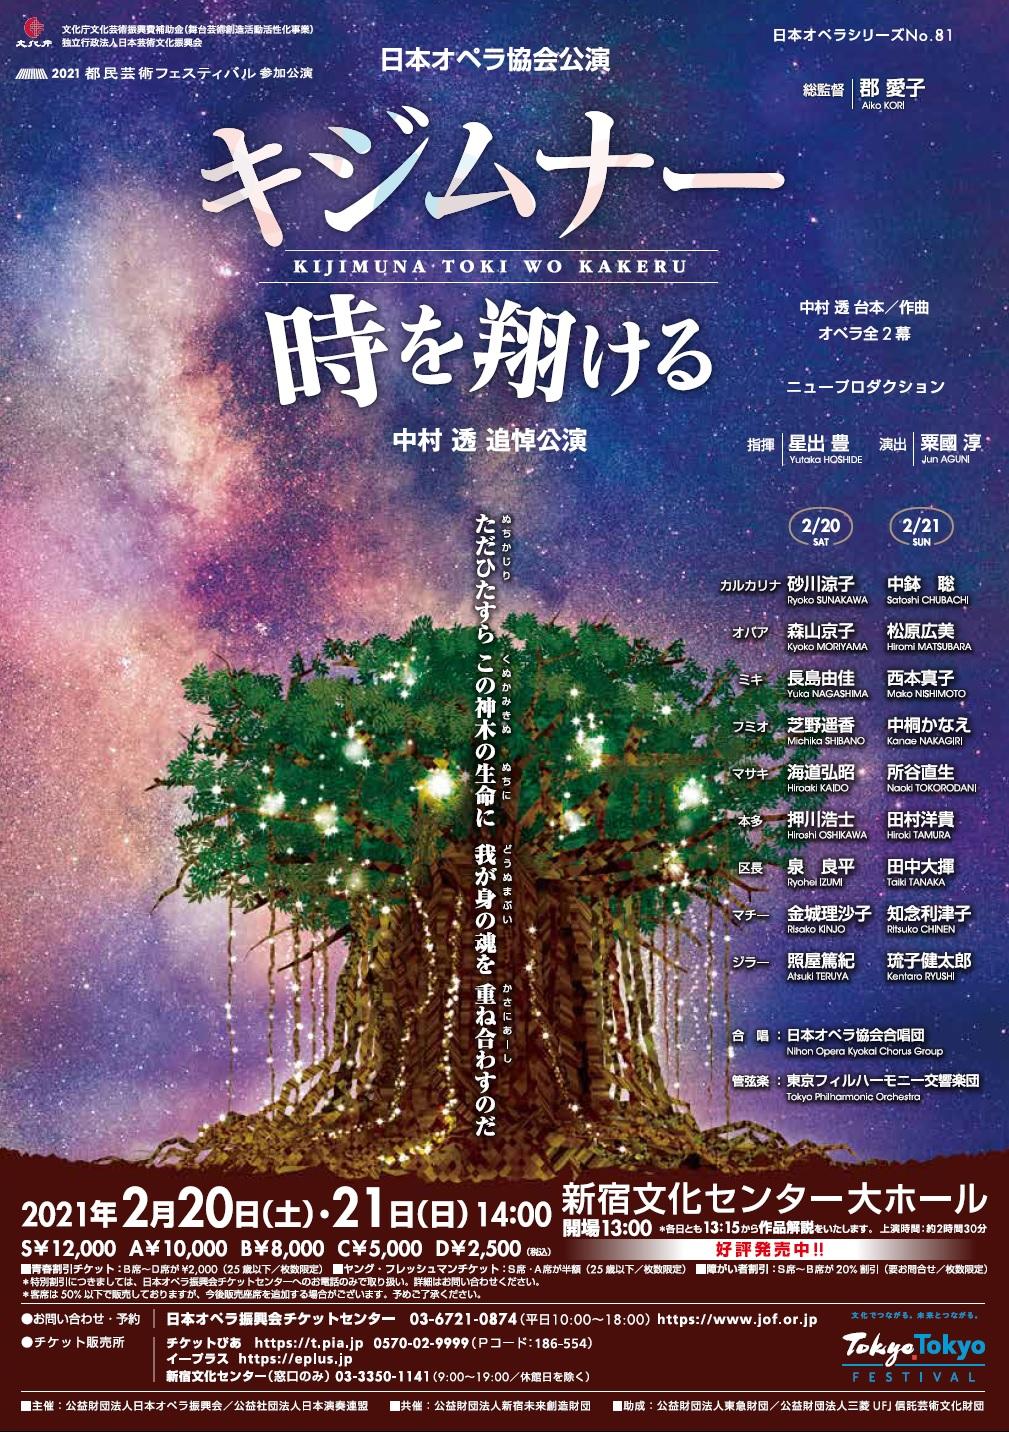 日本オペラ協会公演 キジムナー時を翔ける